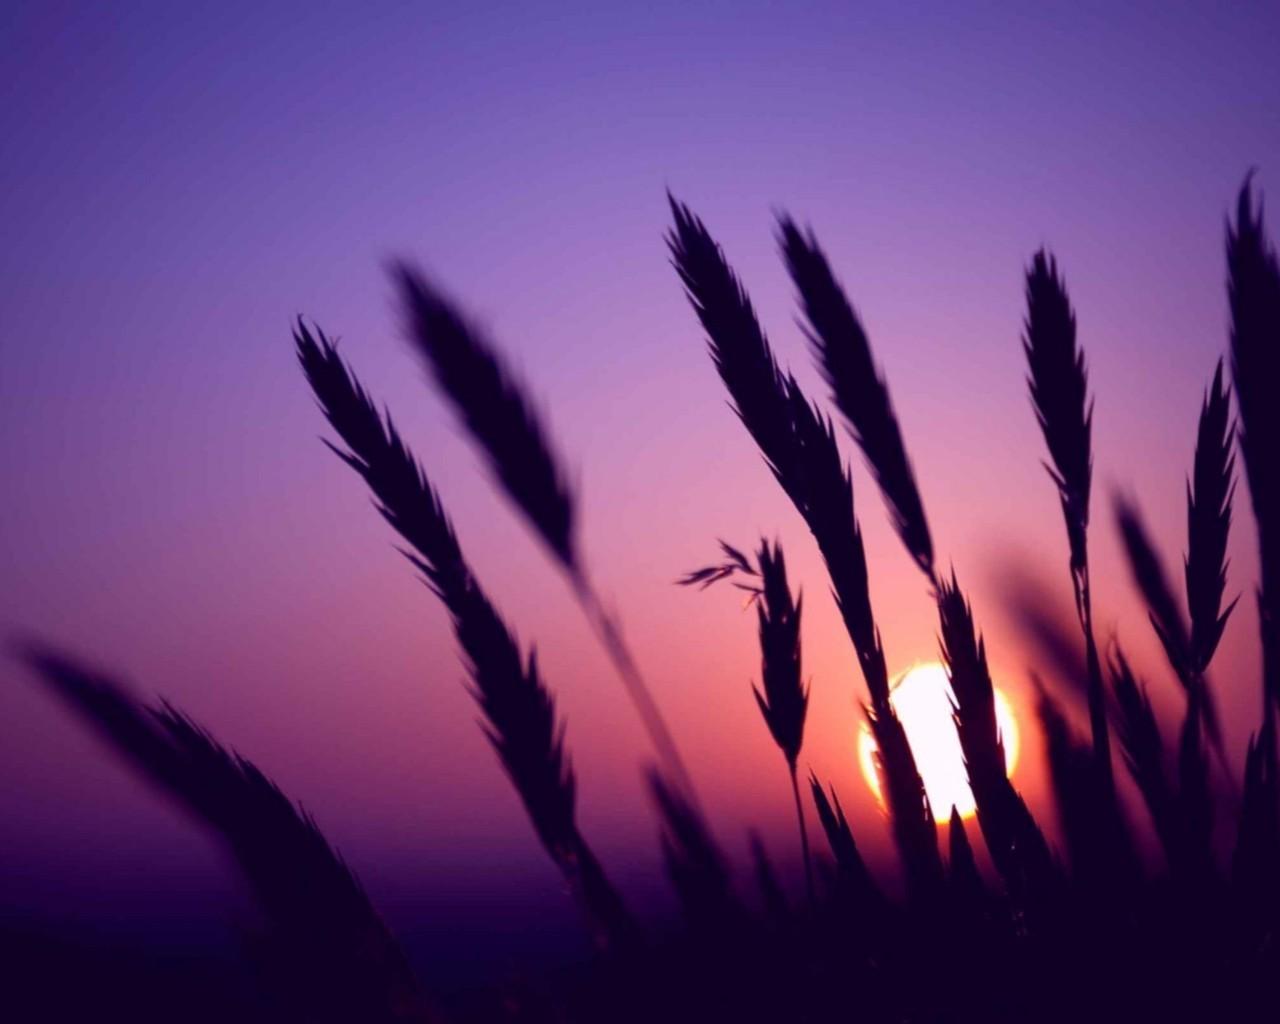 16329 скачать обои Пейзаж, Закат, Солнце, Пшеница - заставки и картинки бесплатно